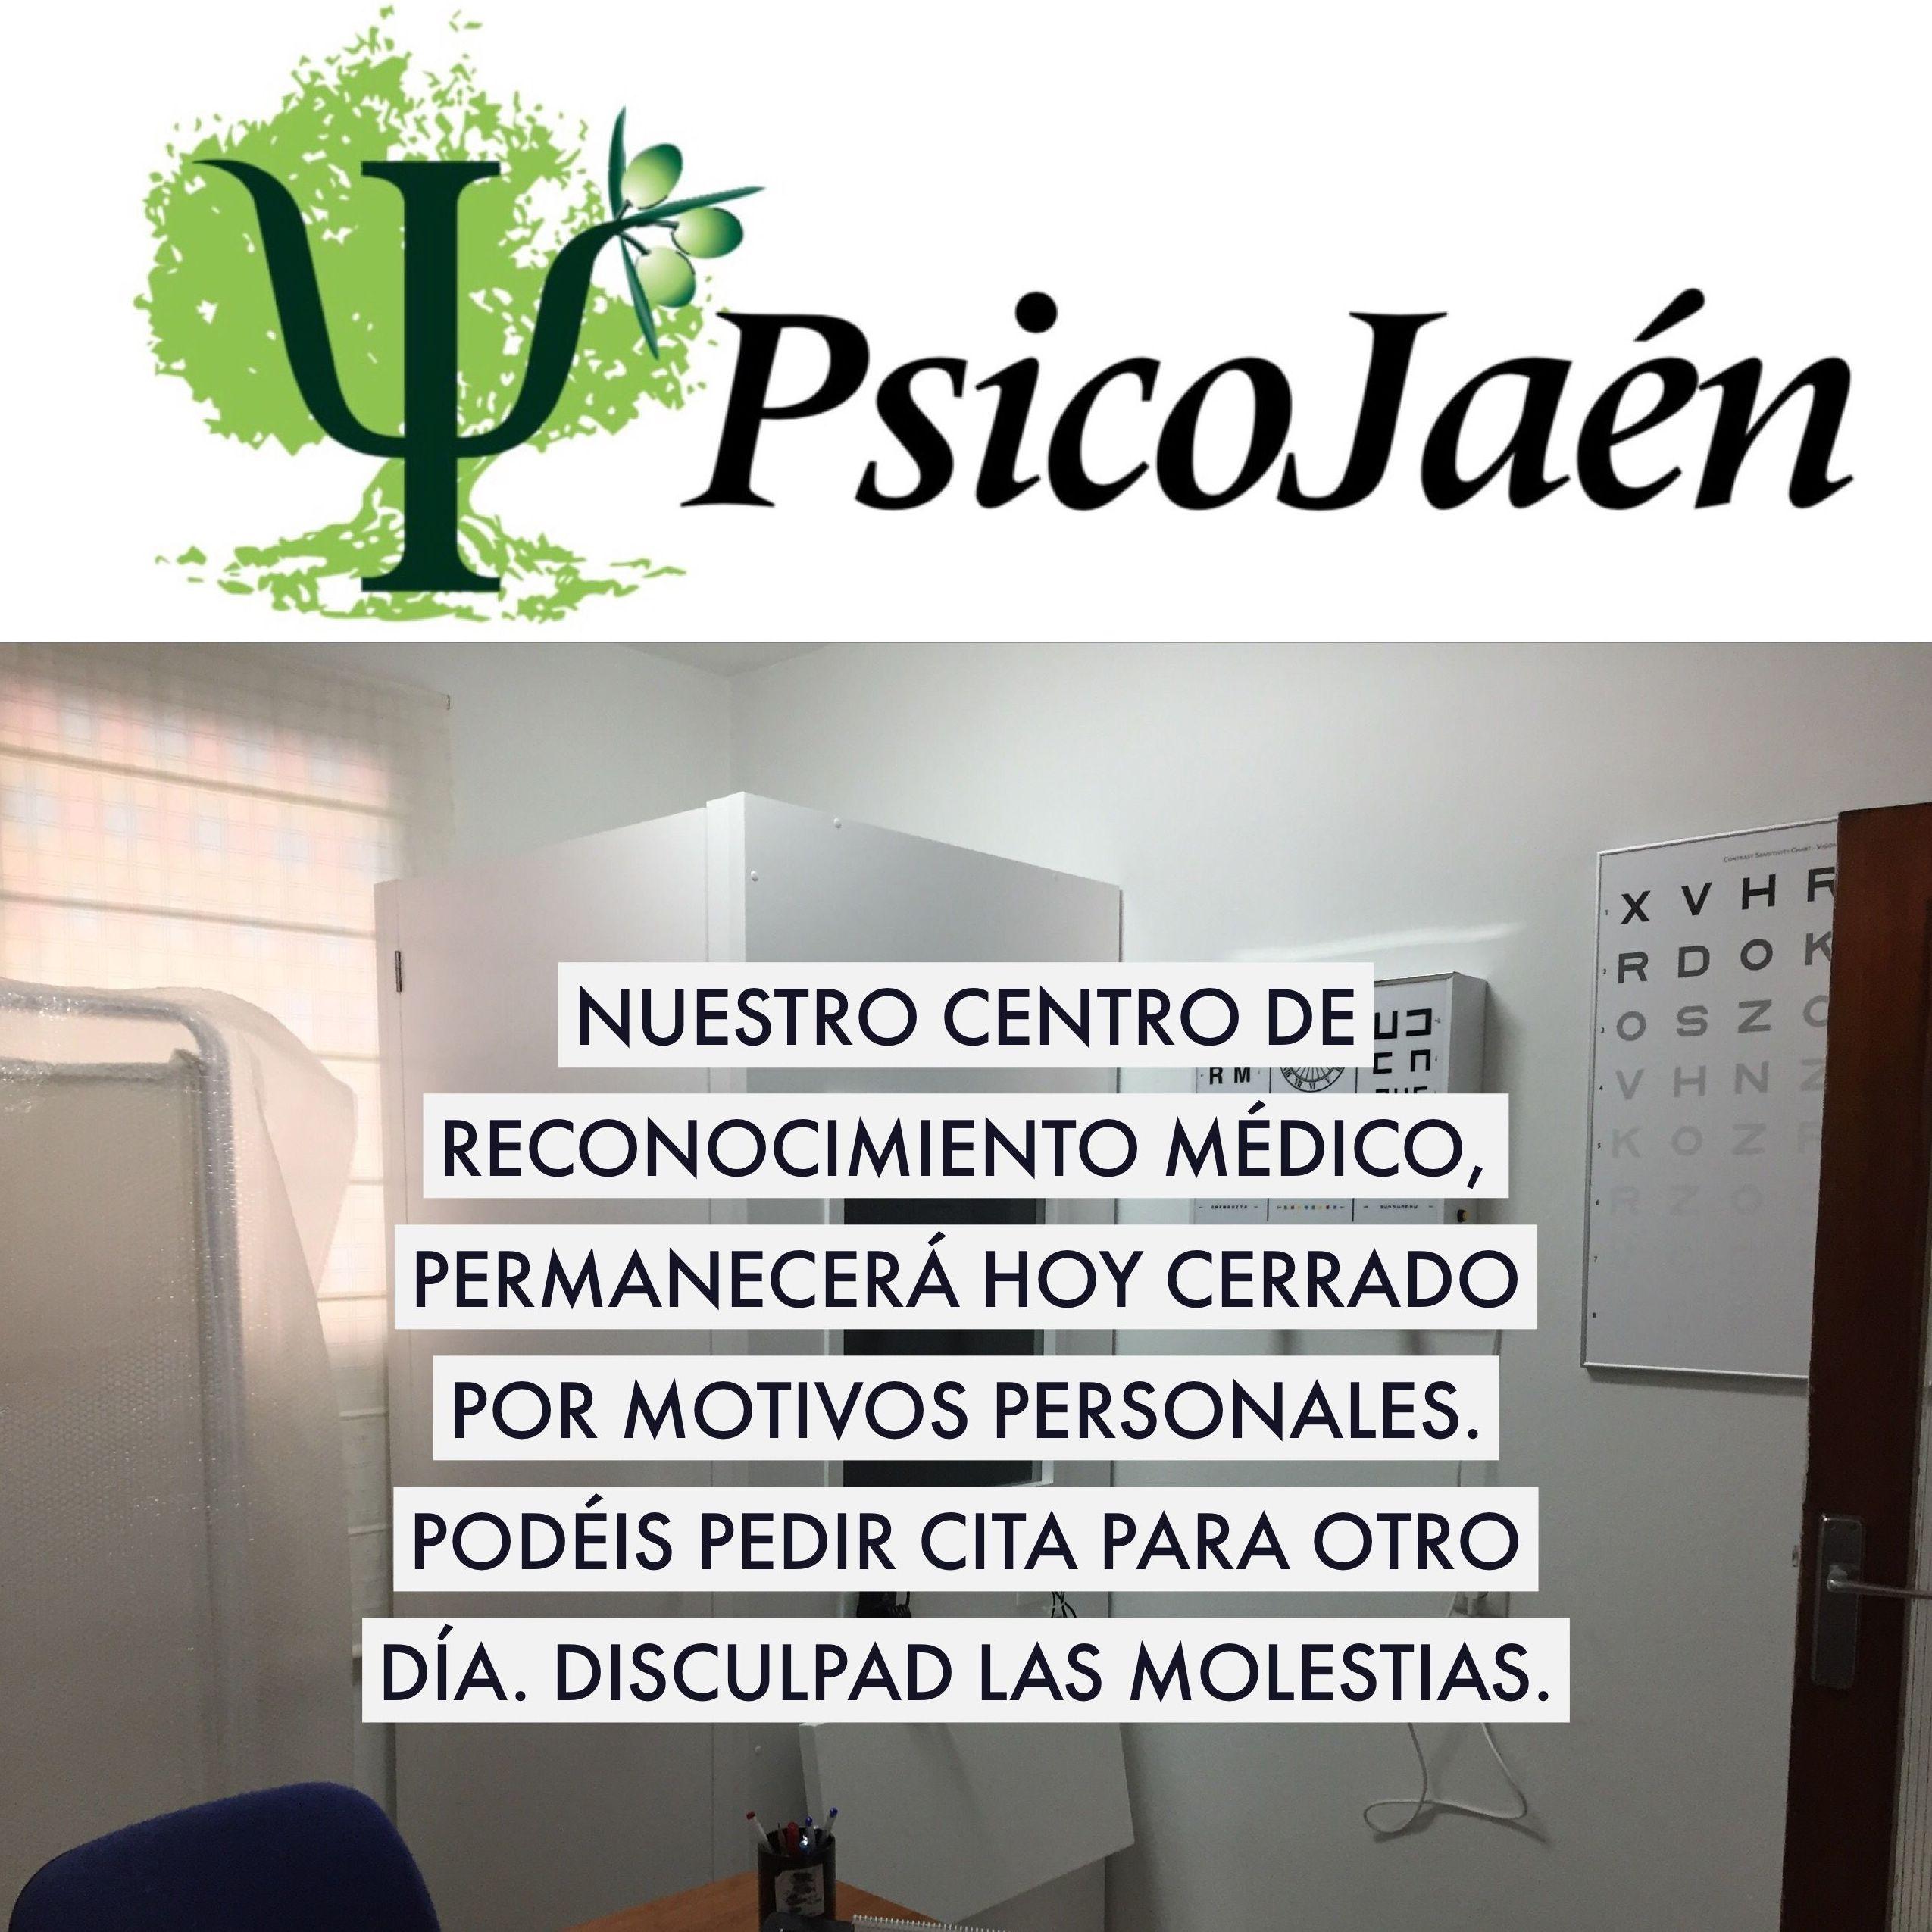 NUESTRO CENTRO DE RECONOCIMIENTO MÉDICO PERMANECERÁ HOY CERRADO POR MOTIVOS PERSONALES